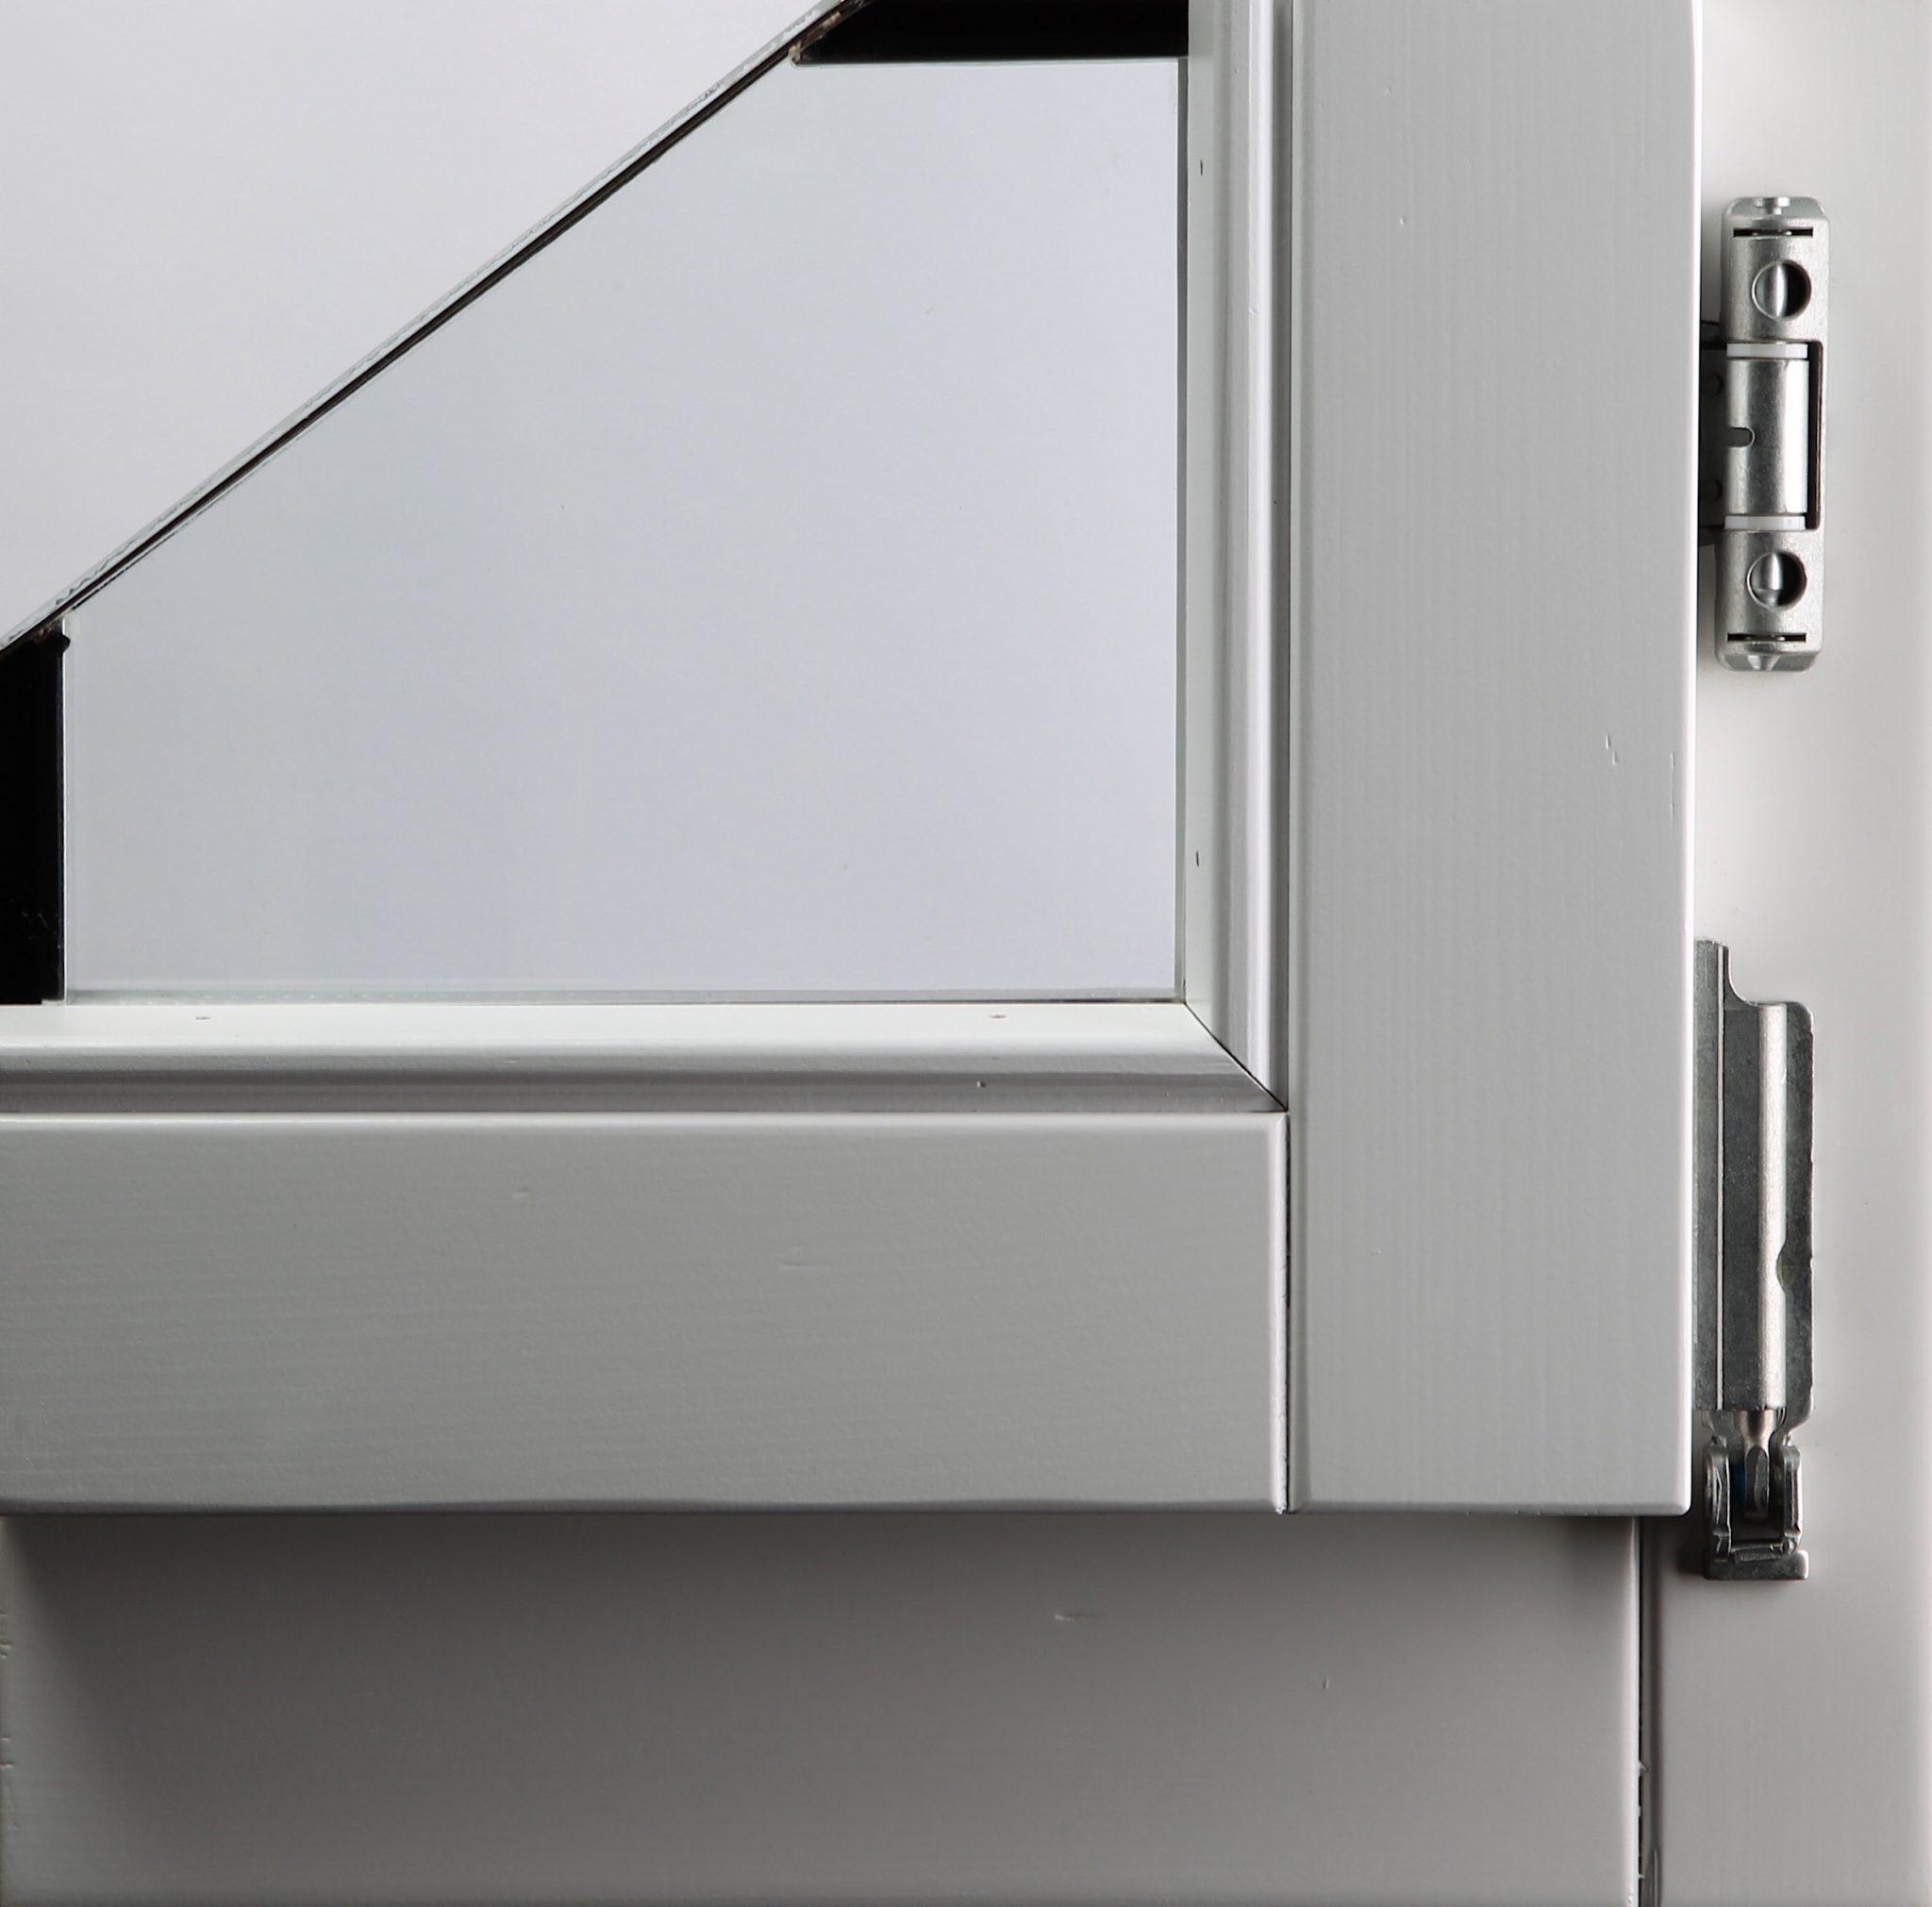 PU bijeli lak na prozorskom profilu od ariša